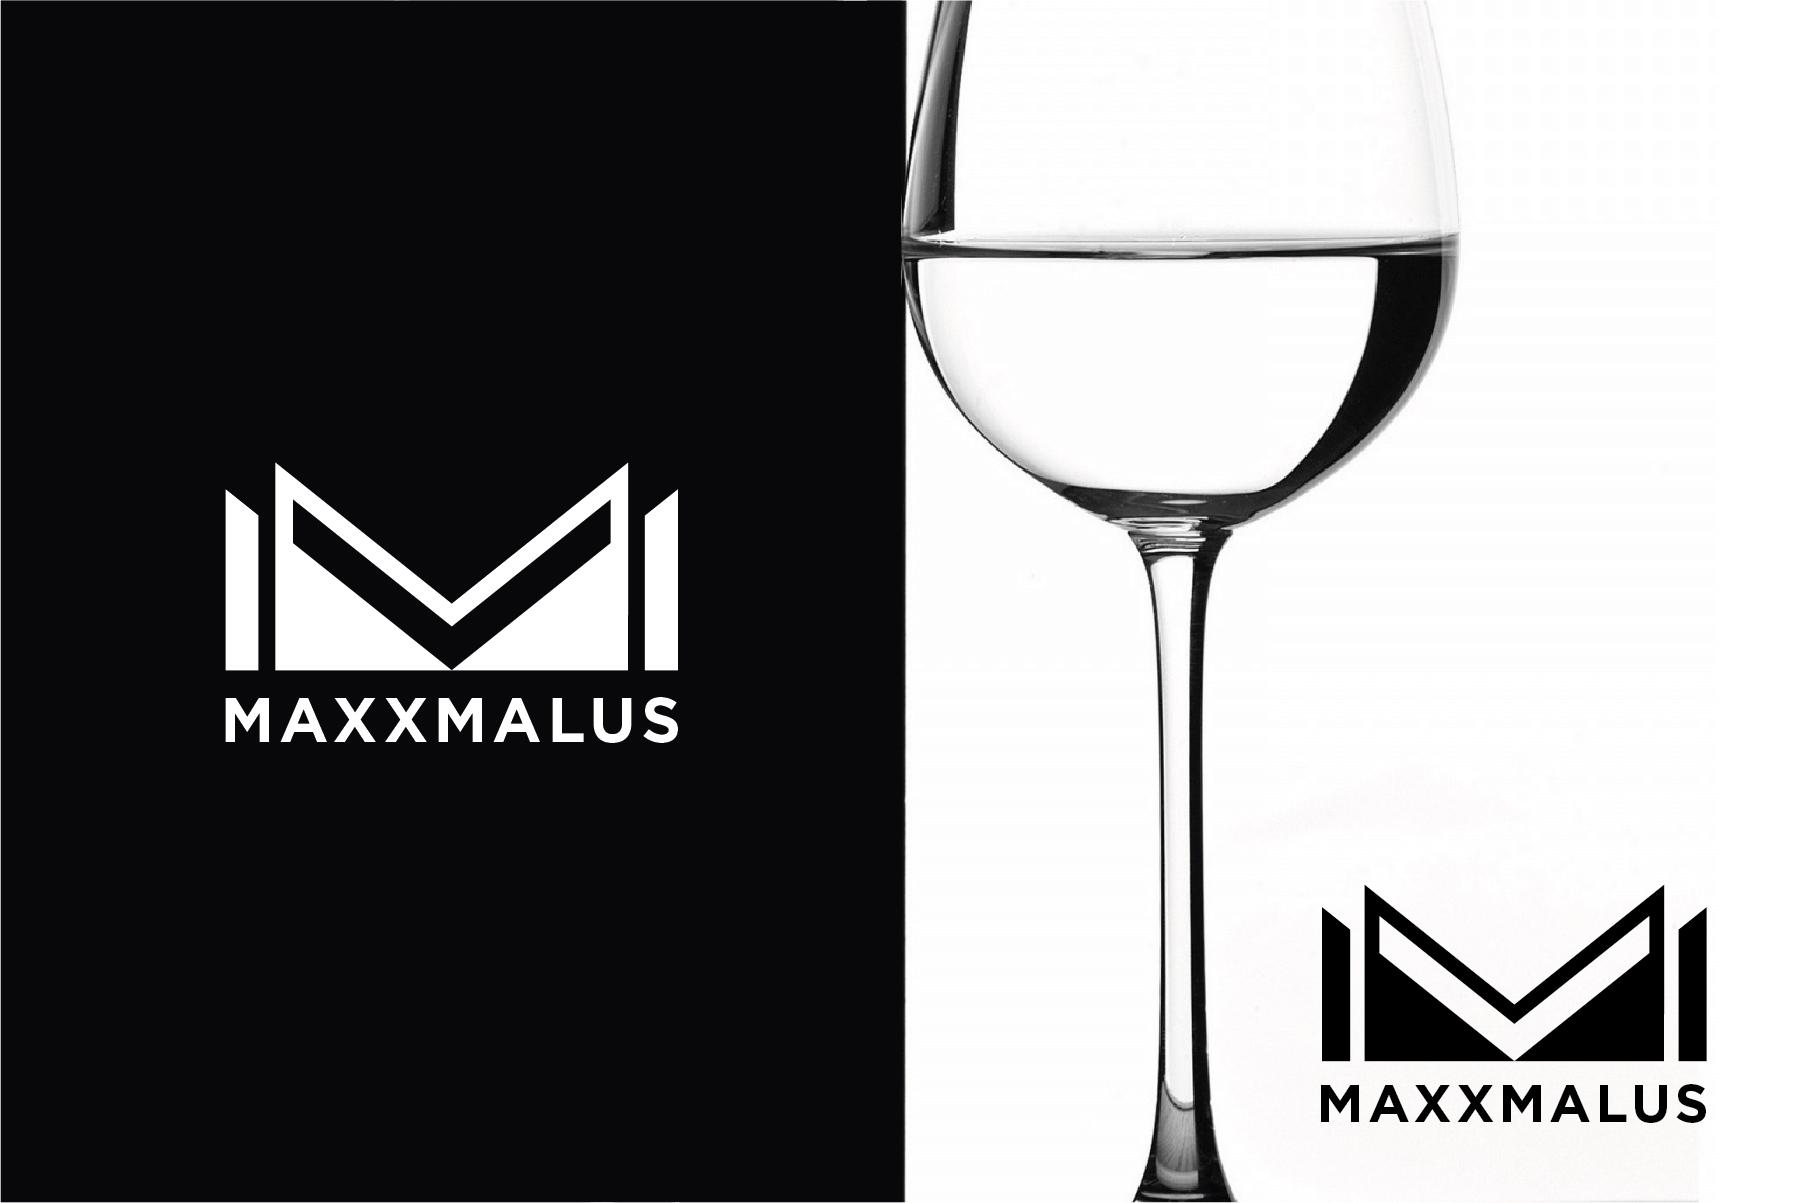 Логотип для нового бренда повседневной посуды фото f_4135ba13001d8e00.jpg